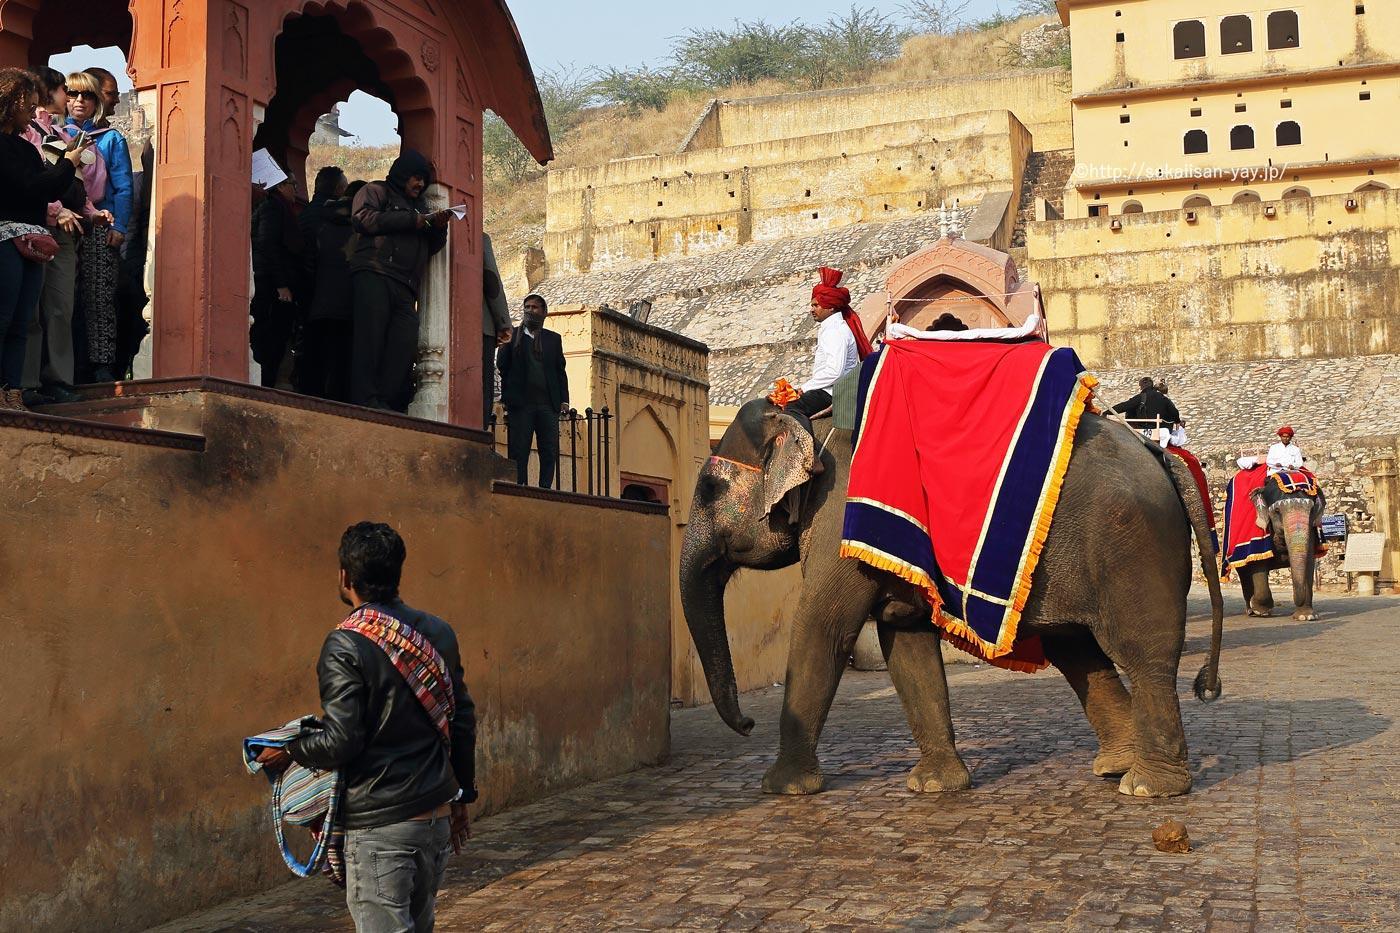 ラージャスターンの丘陵要塞群(ジャイプールのアンベール城)- 象タクシー